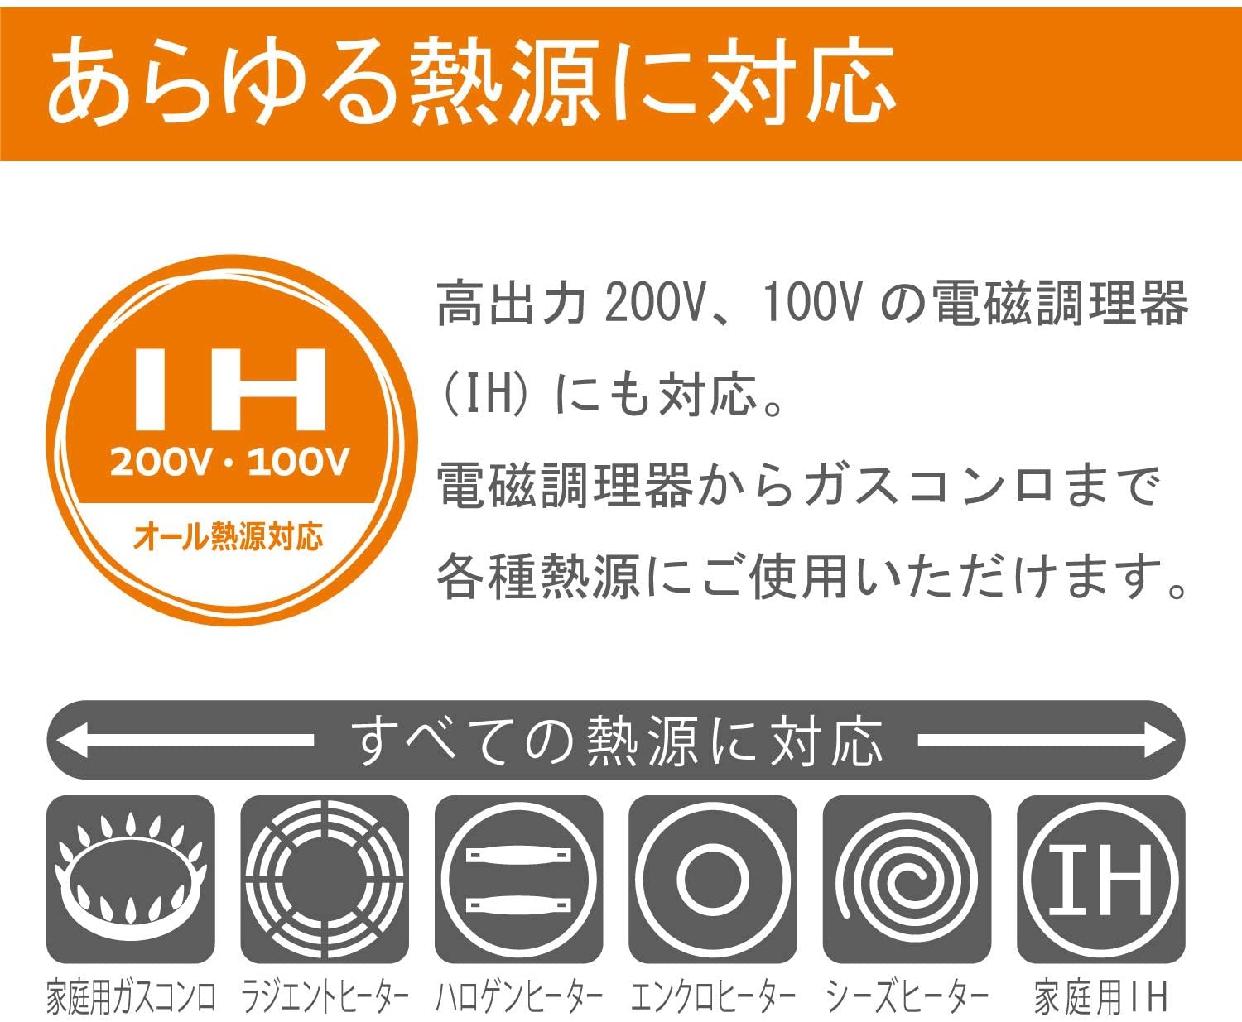 【IH】グルメテイストDX(【アイエイチ】グルメテイストデラックス) コーティングIH雪平鍋 シルバーの商品画像6